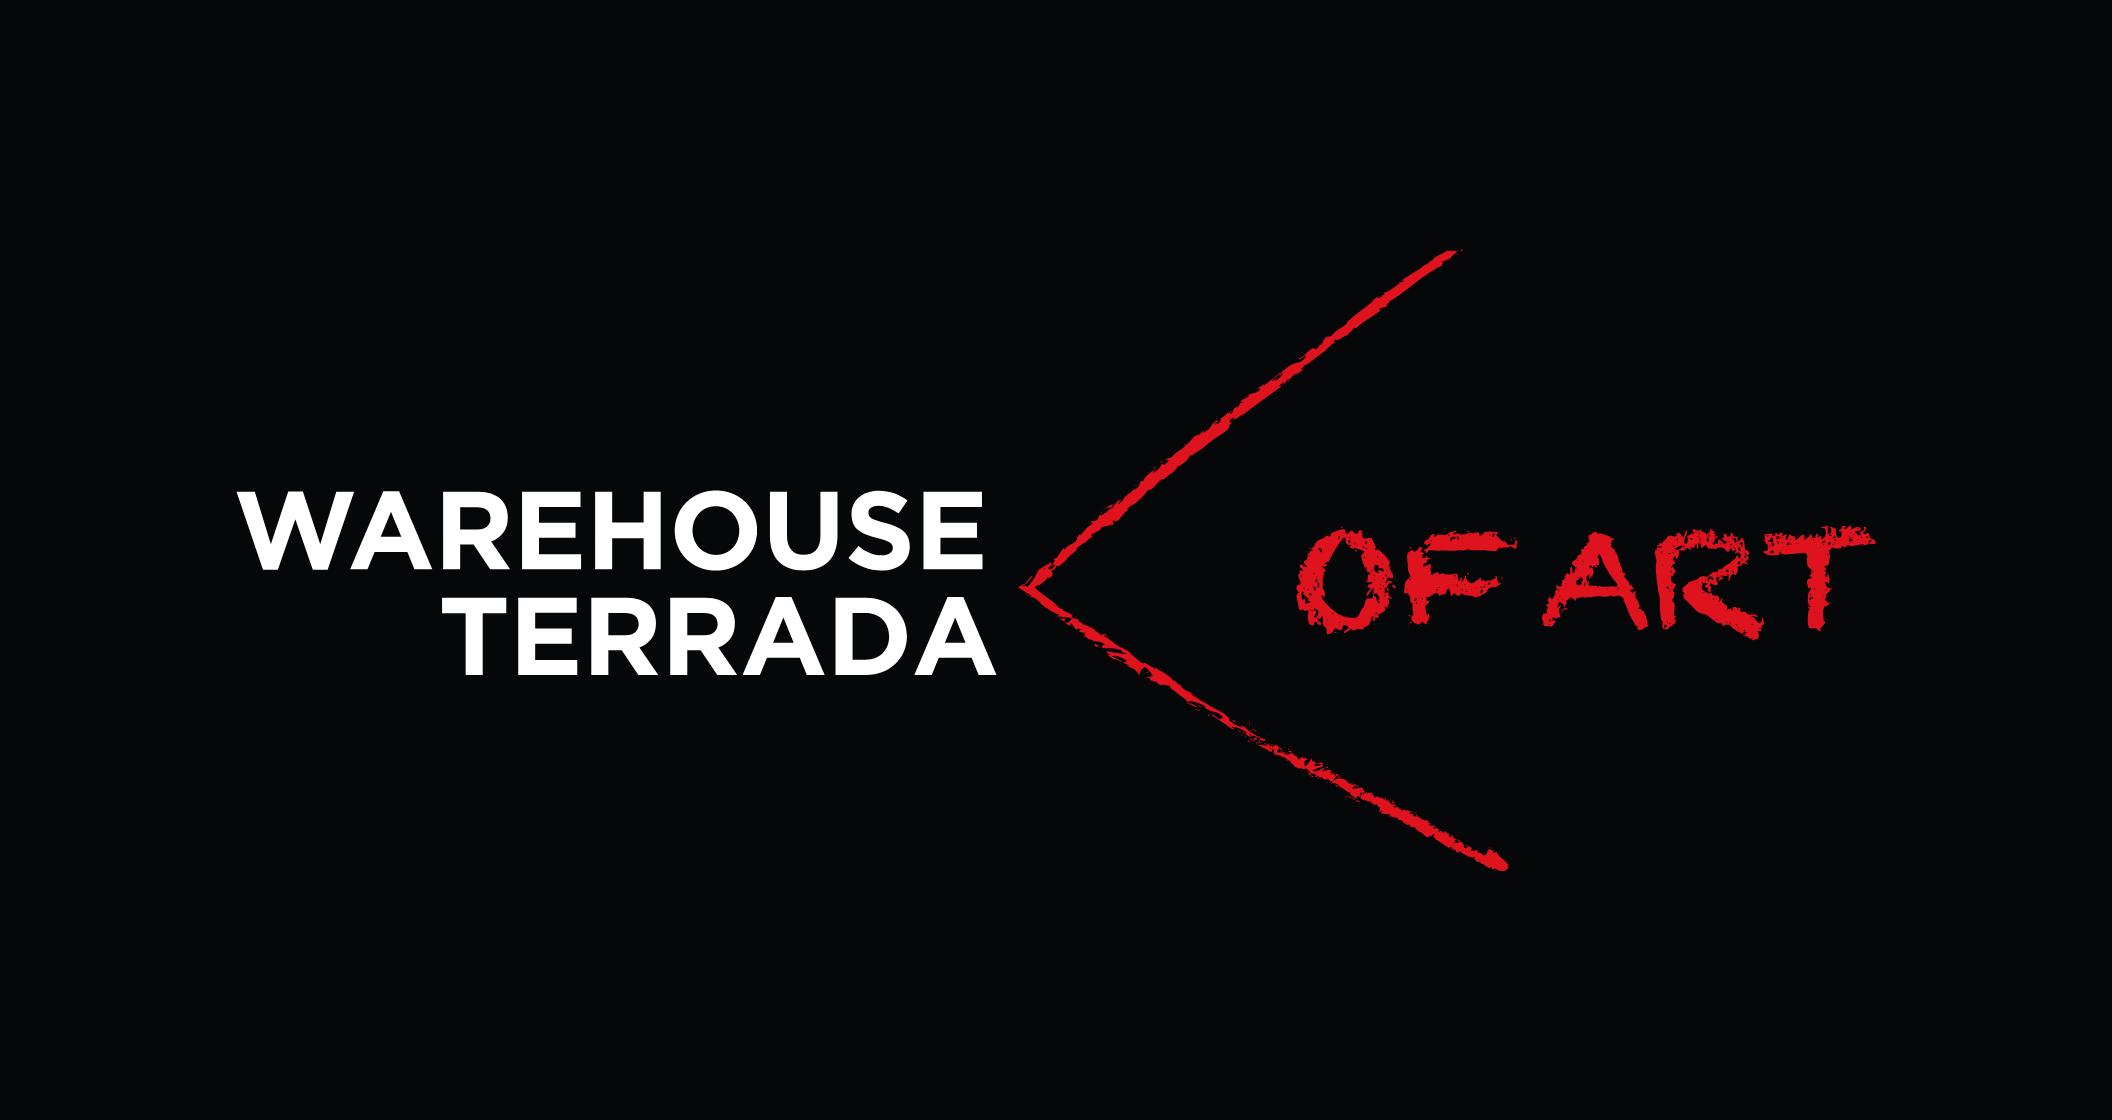 WAREHOUSE OF ART TERRADA